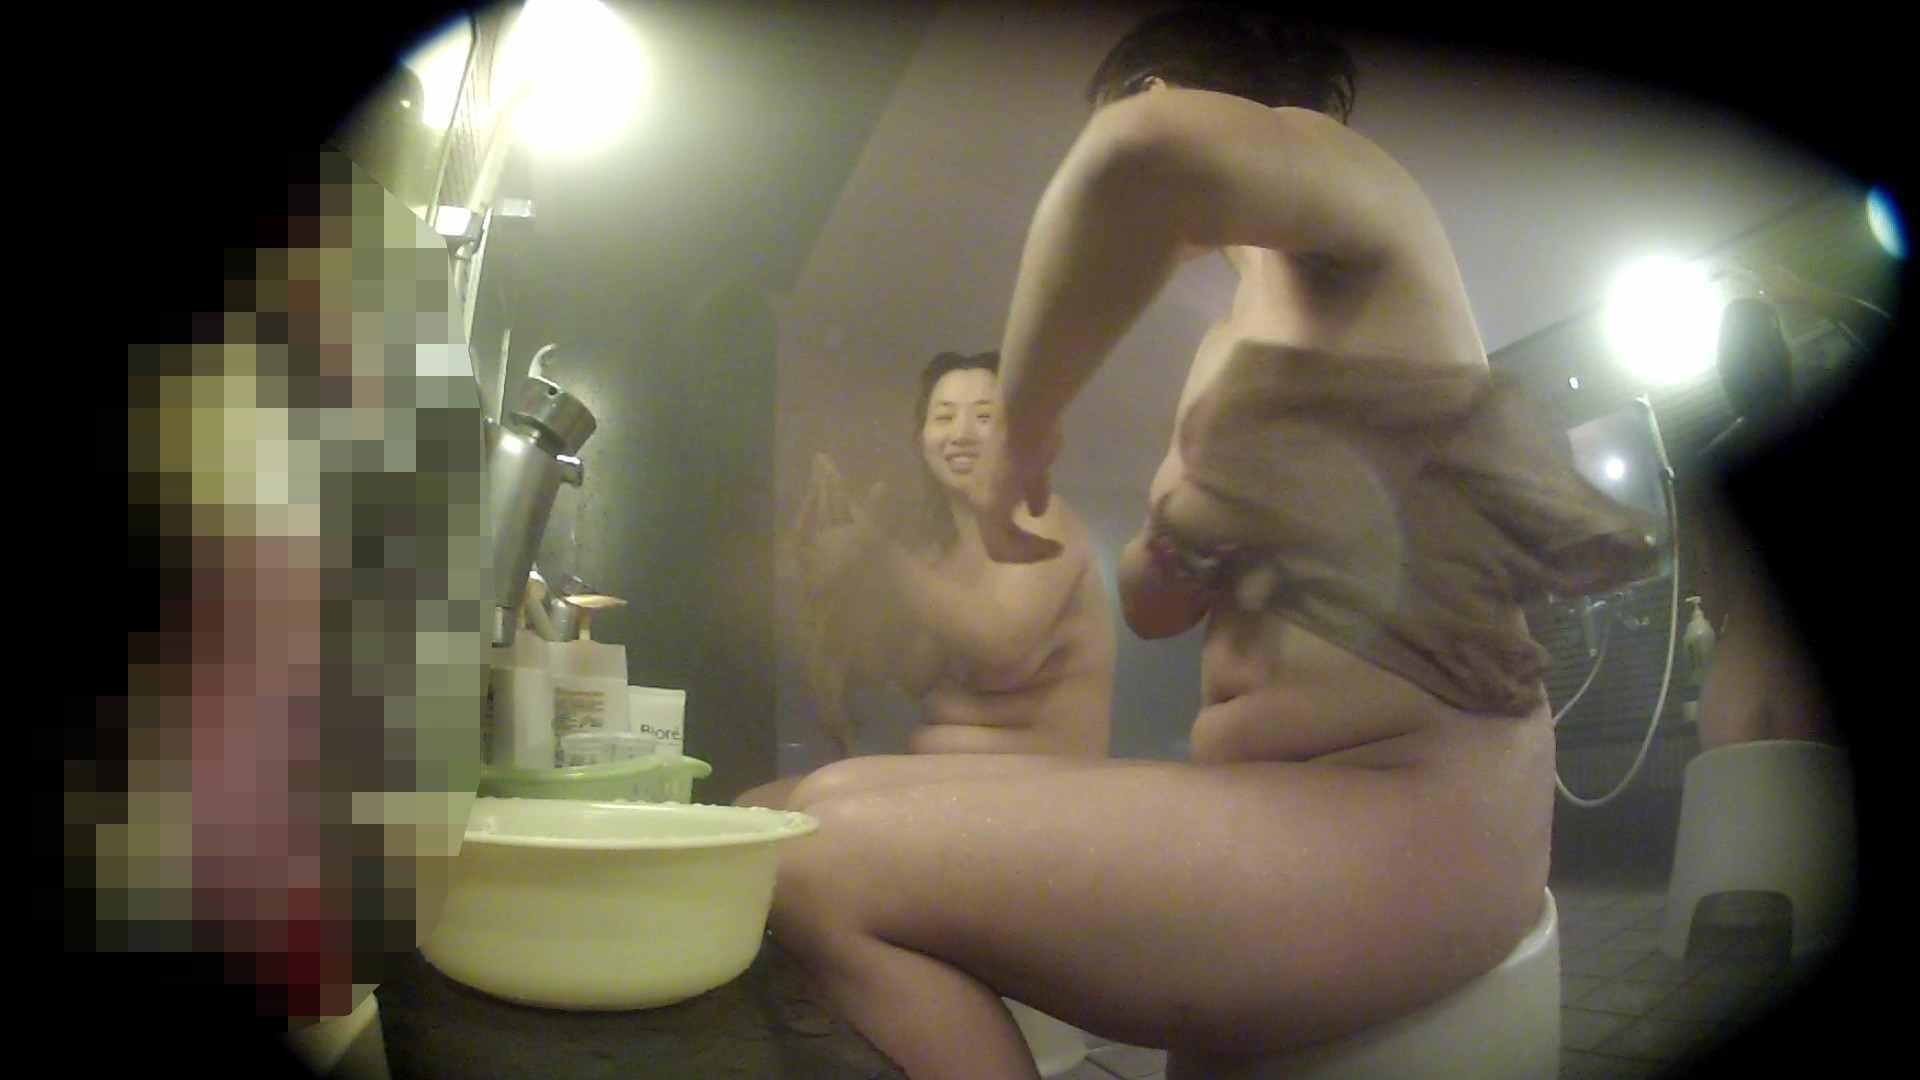 ハイビジョン 洗い場!豊満な乳が大地へと・・・乳輪の大きさは人それぞれ 銭湯 | 潜入エロ調査  36連発 8